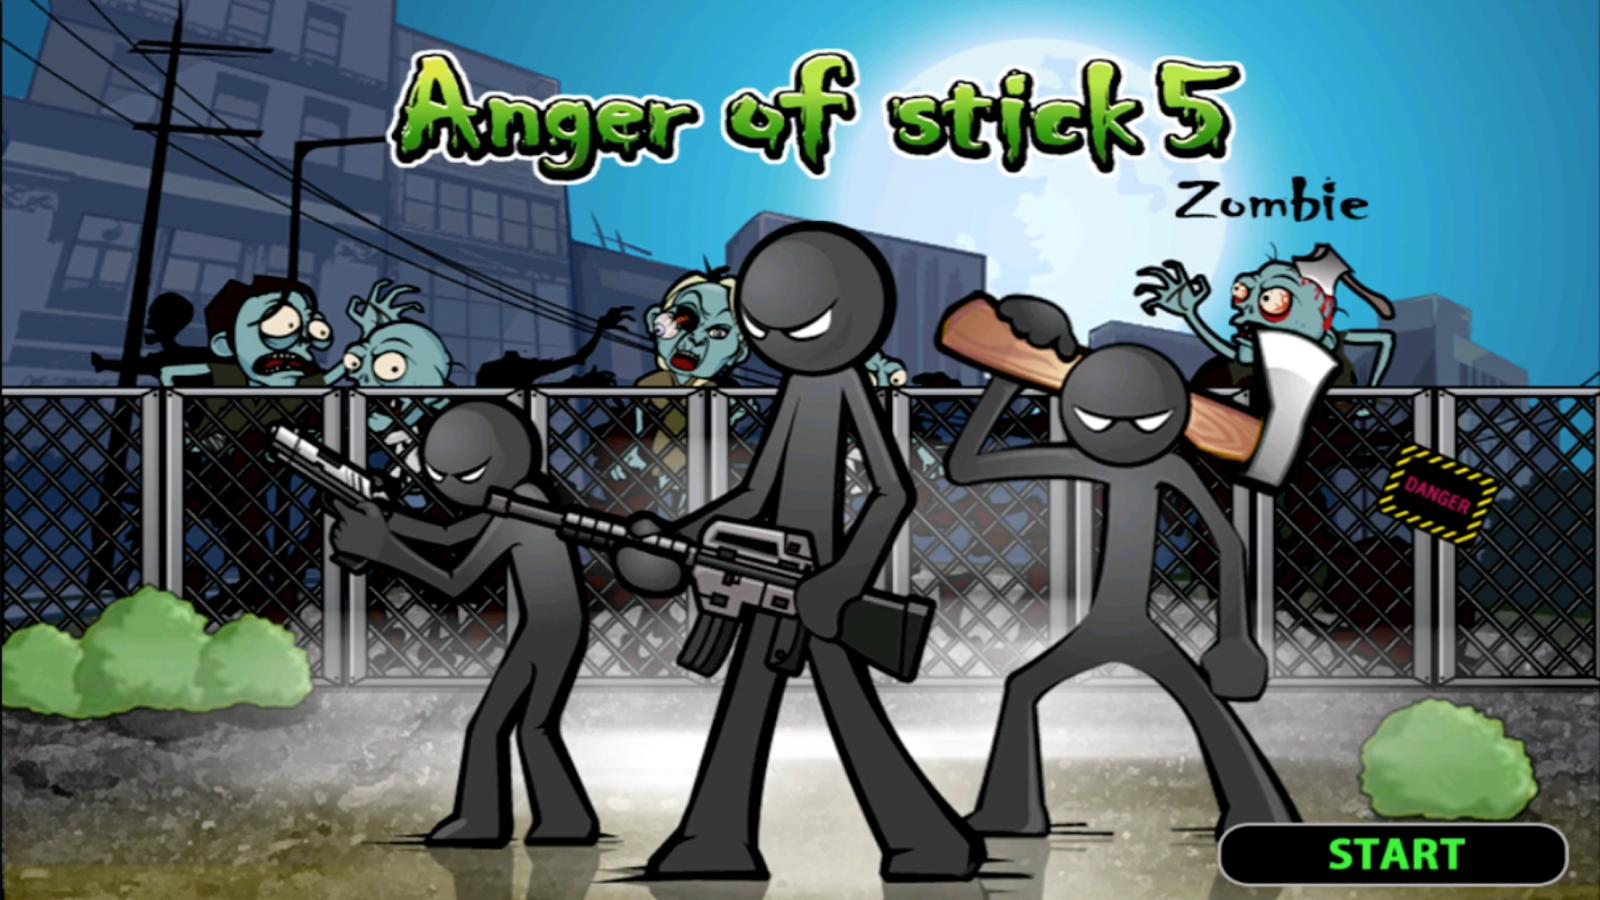 Juegos android - AngerOfstick5